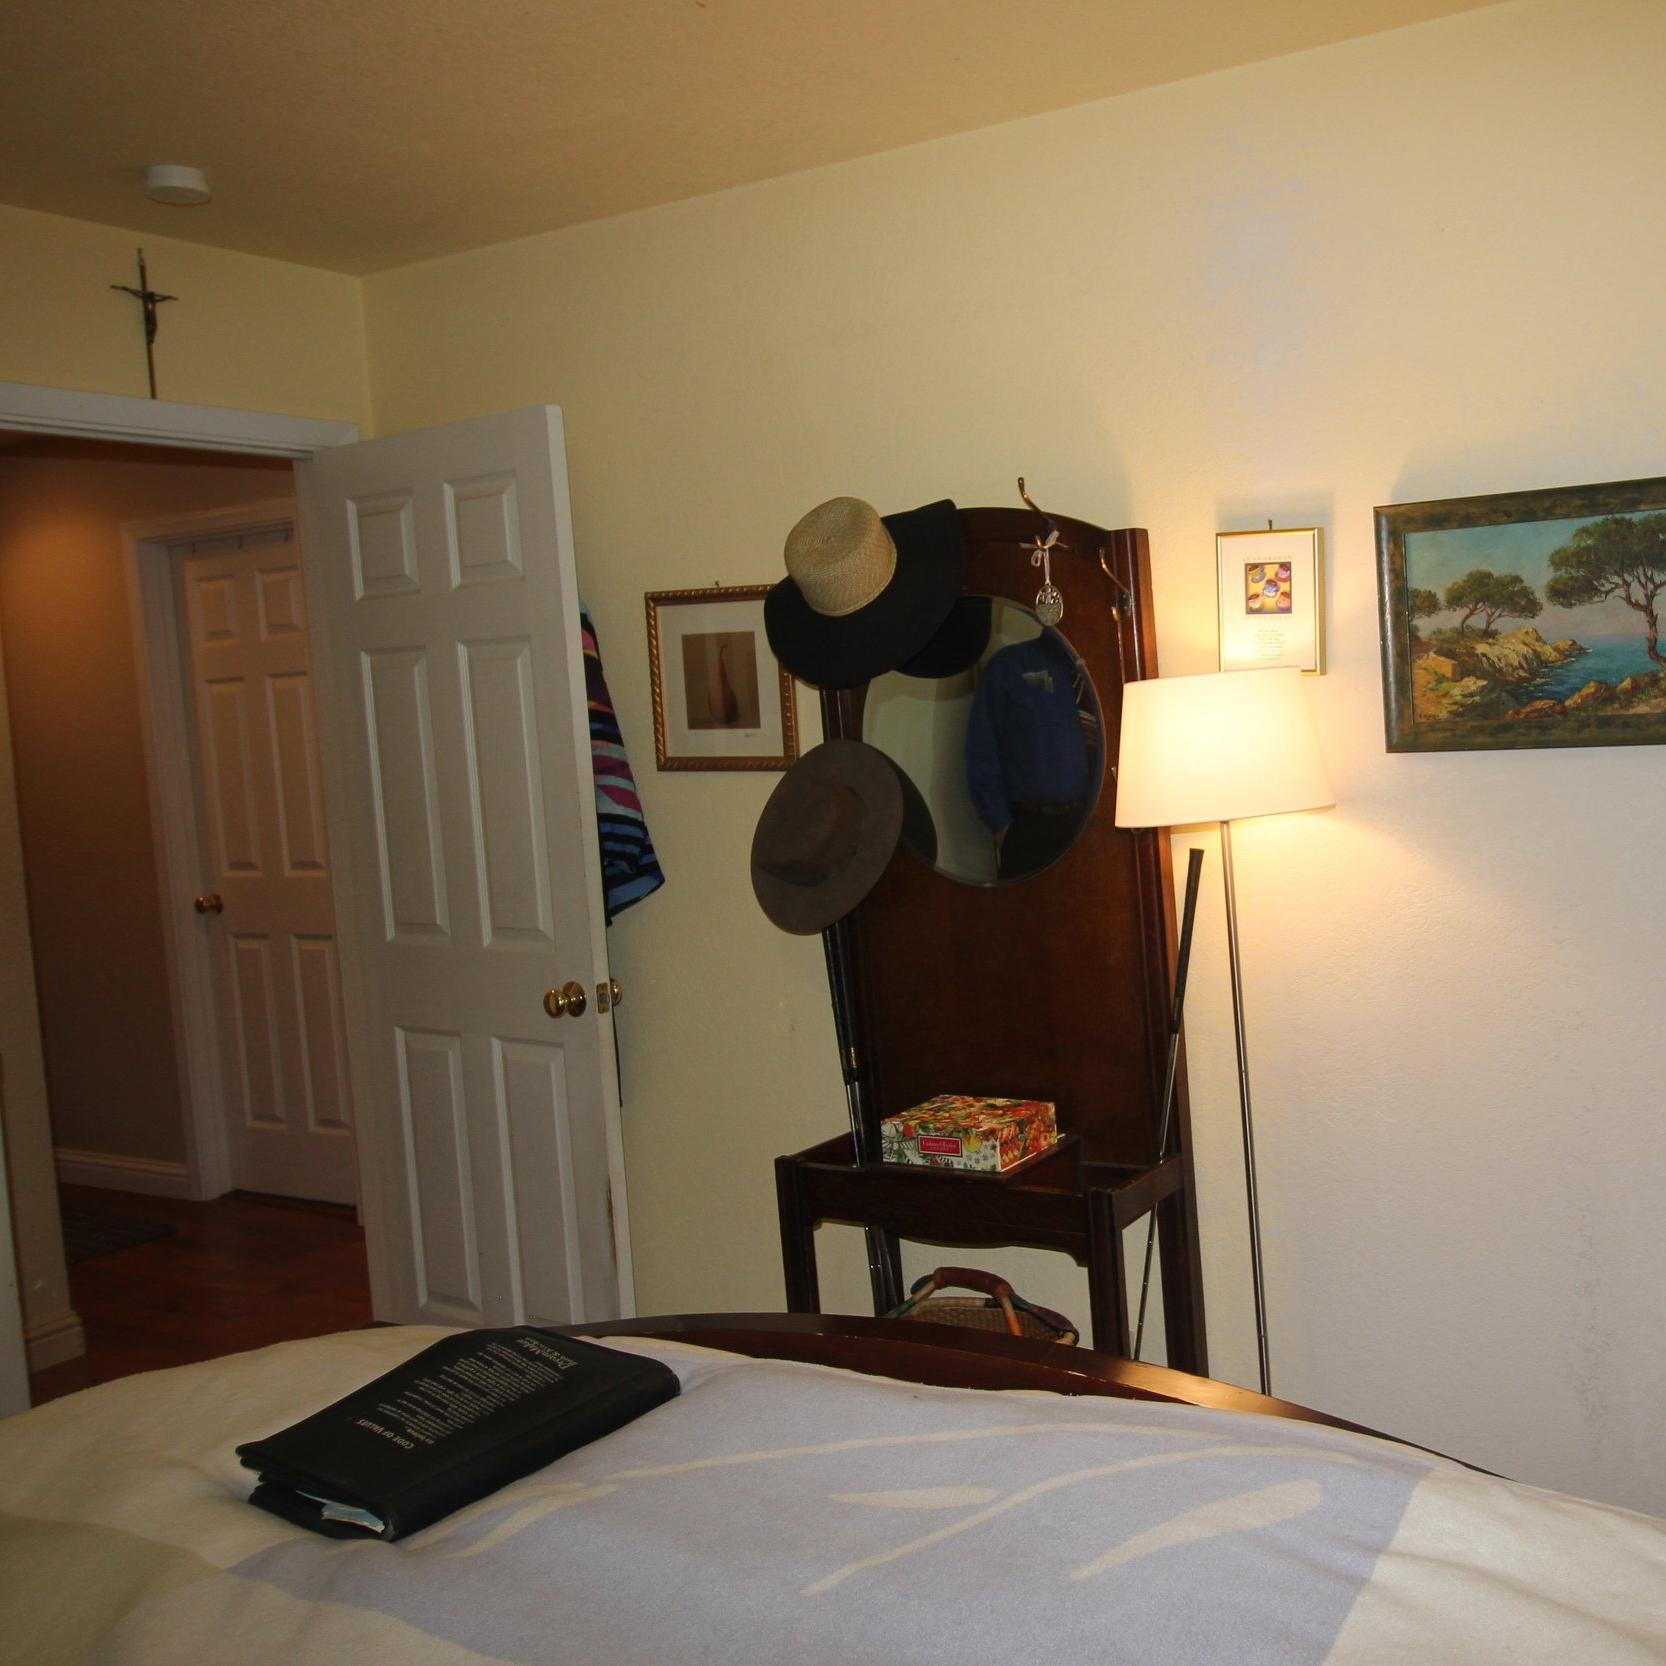 project guru bathroom remodel bedroom before 1.JPG